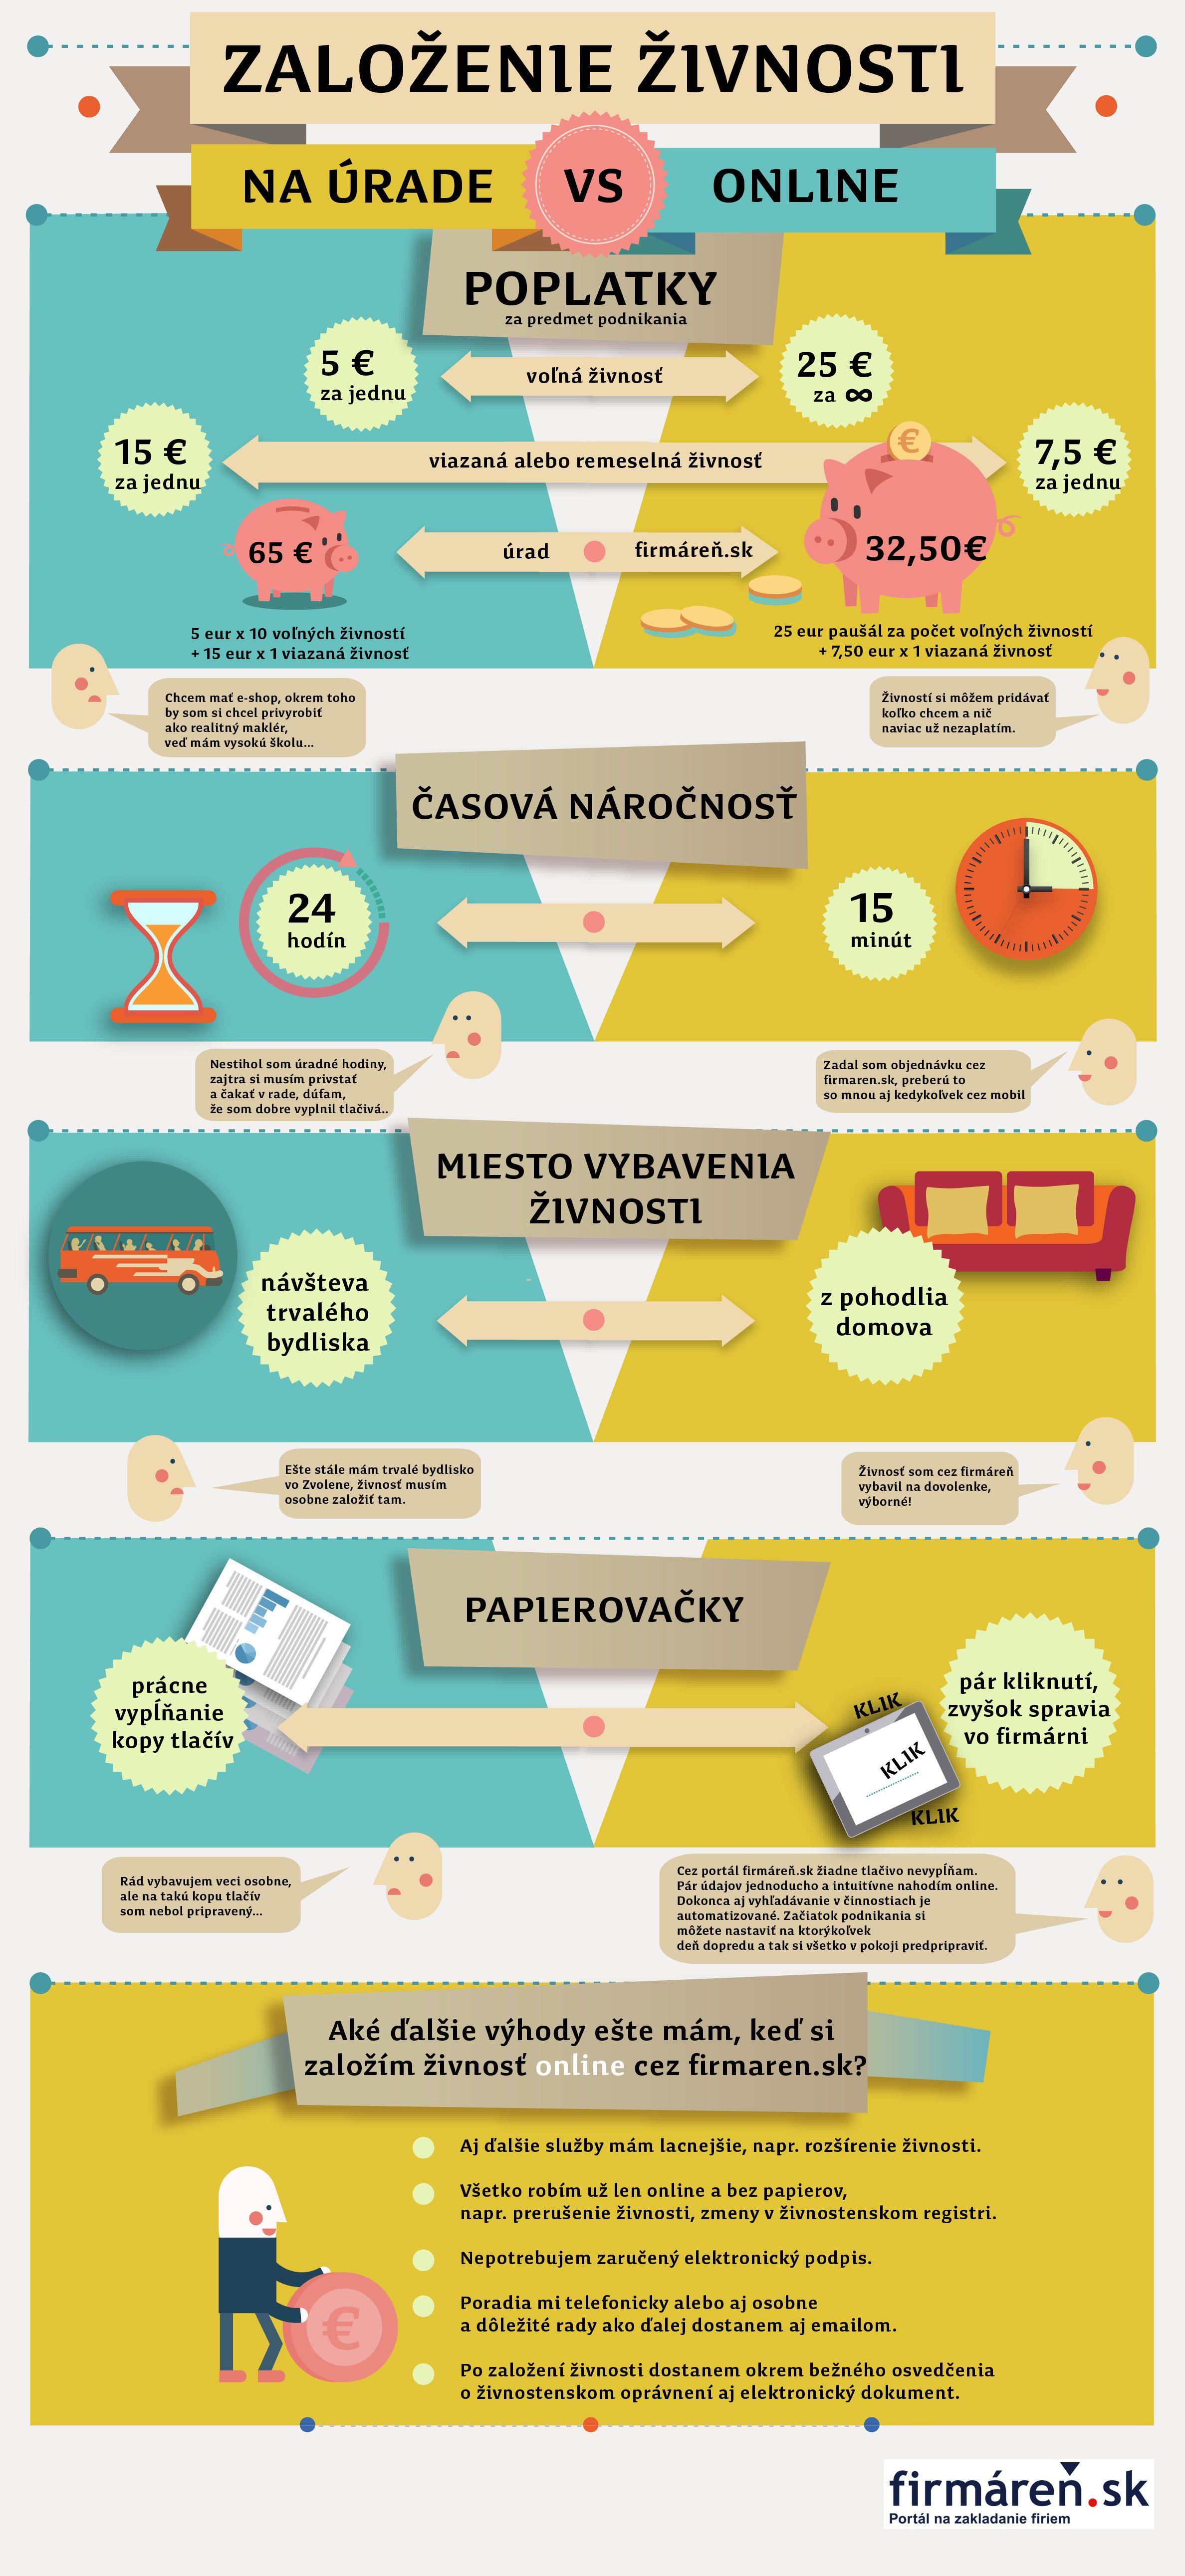 INFOGRAFIKA: Založenie živnosti online vs. založenie živnosti osobne na úrade | firmáreň